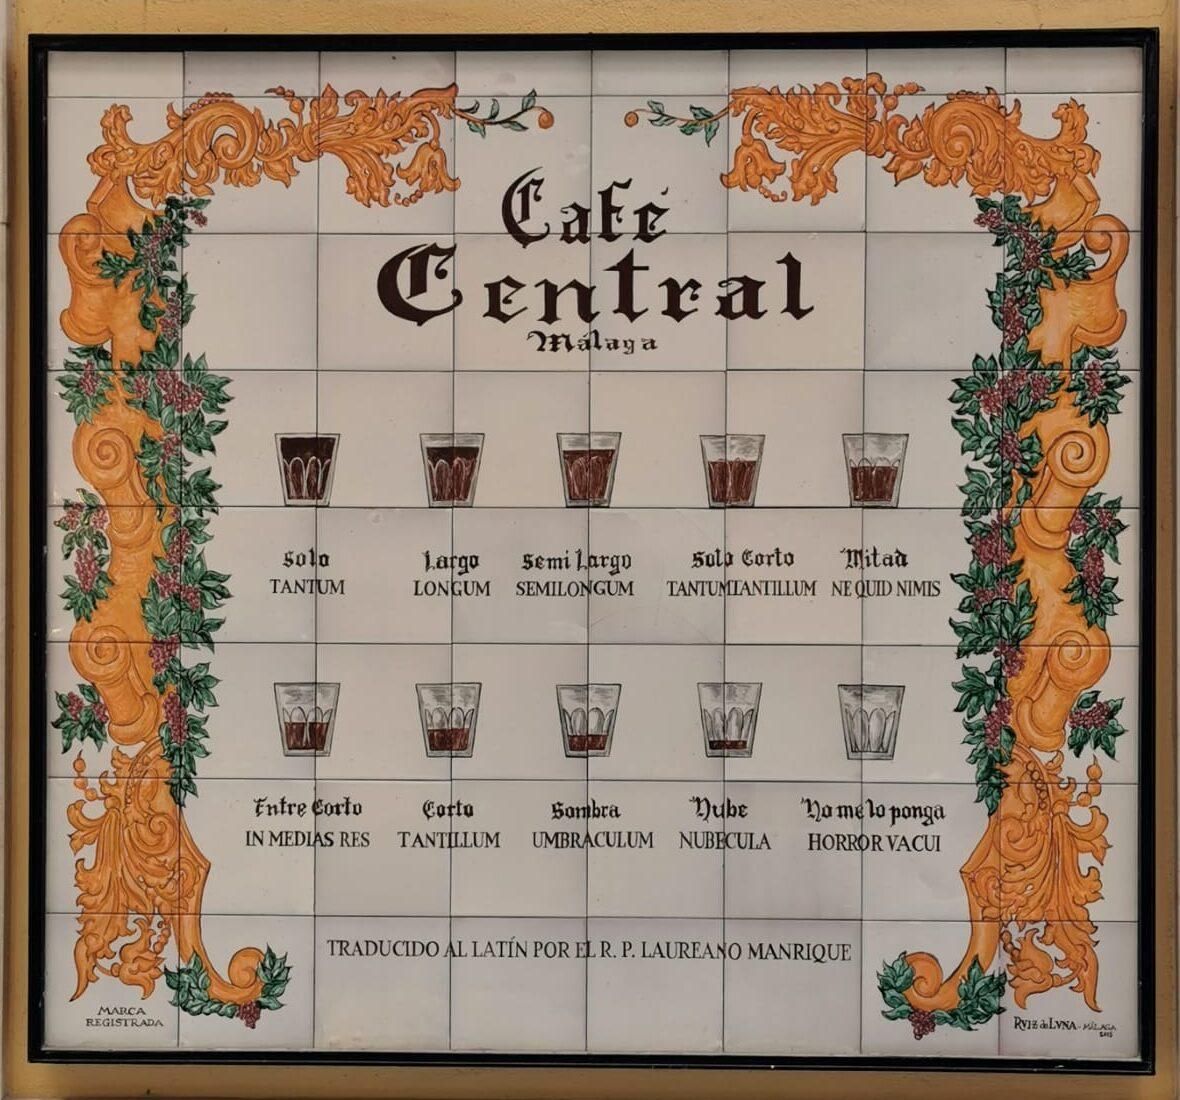 ¿CÓMO PEDIR UN CAFÉ EN MÁLAGA?